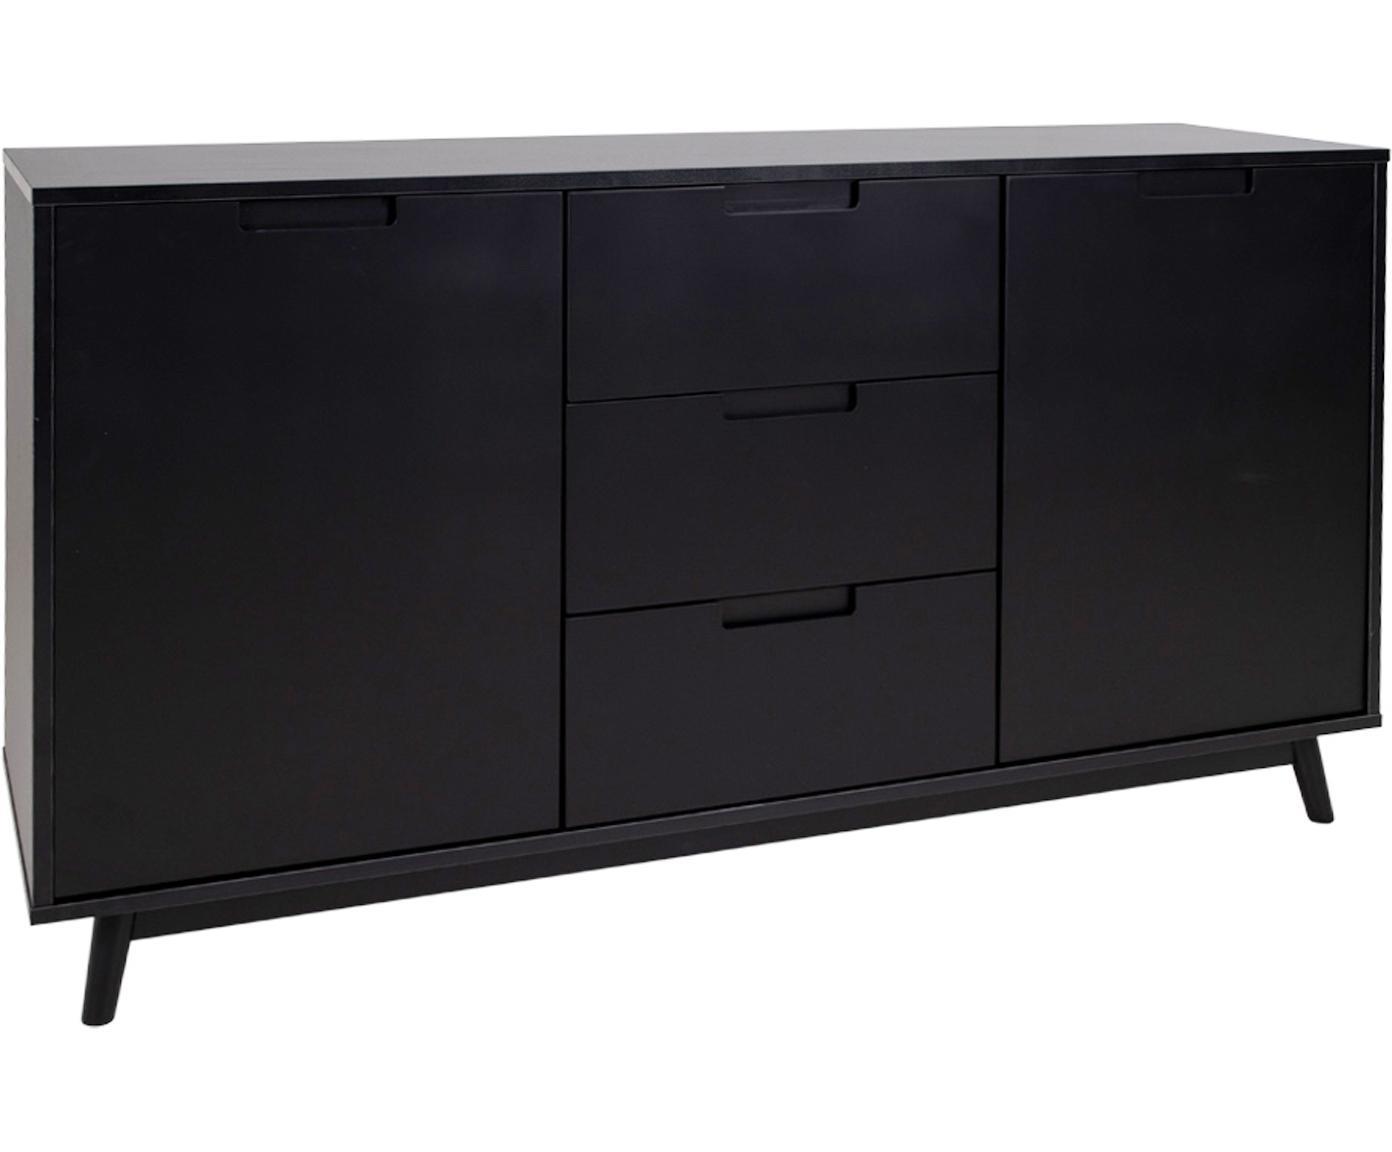 Sideboard Copenhagen, Korpus: Mitteldichte Holzfaserpla, Füße: Kiefernholz, Schwarz, B 150 x H 86 cm